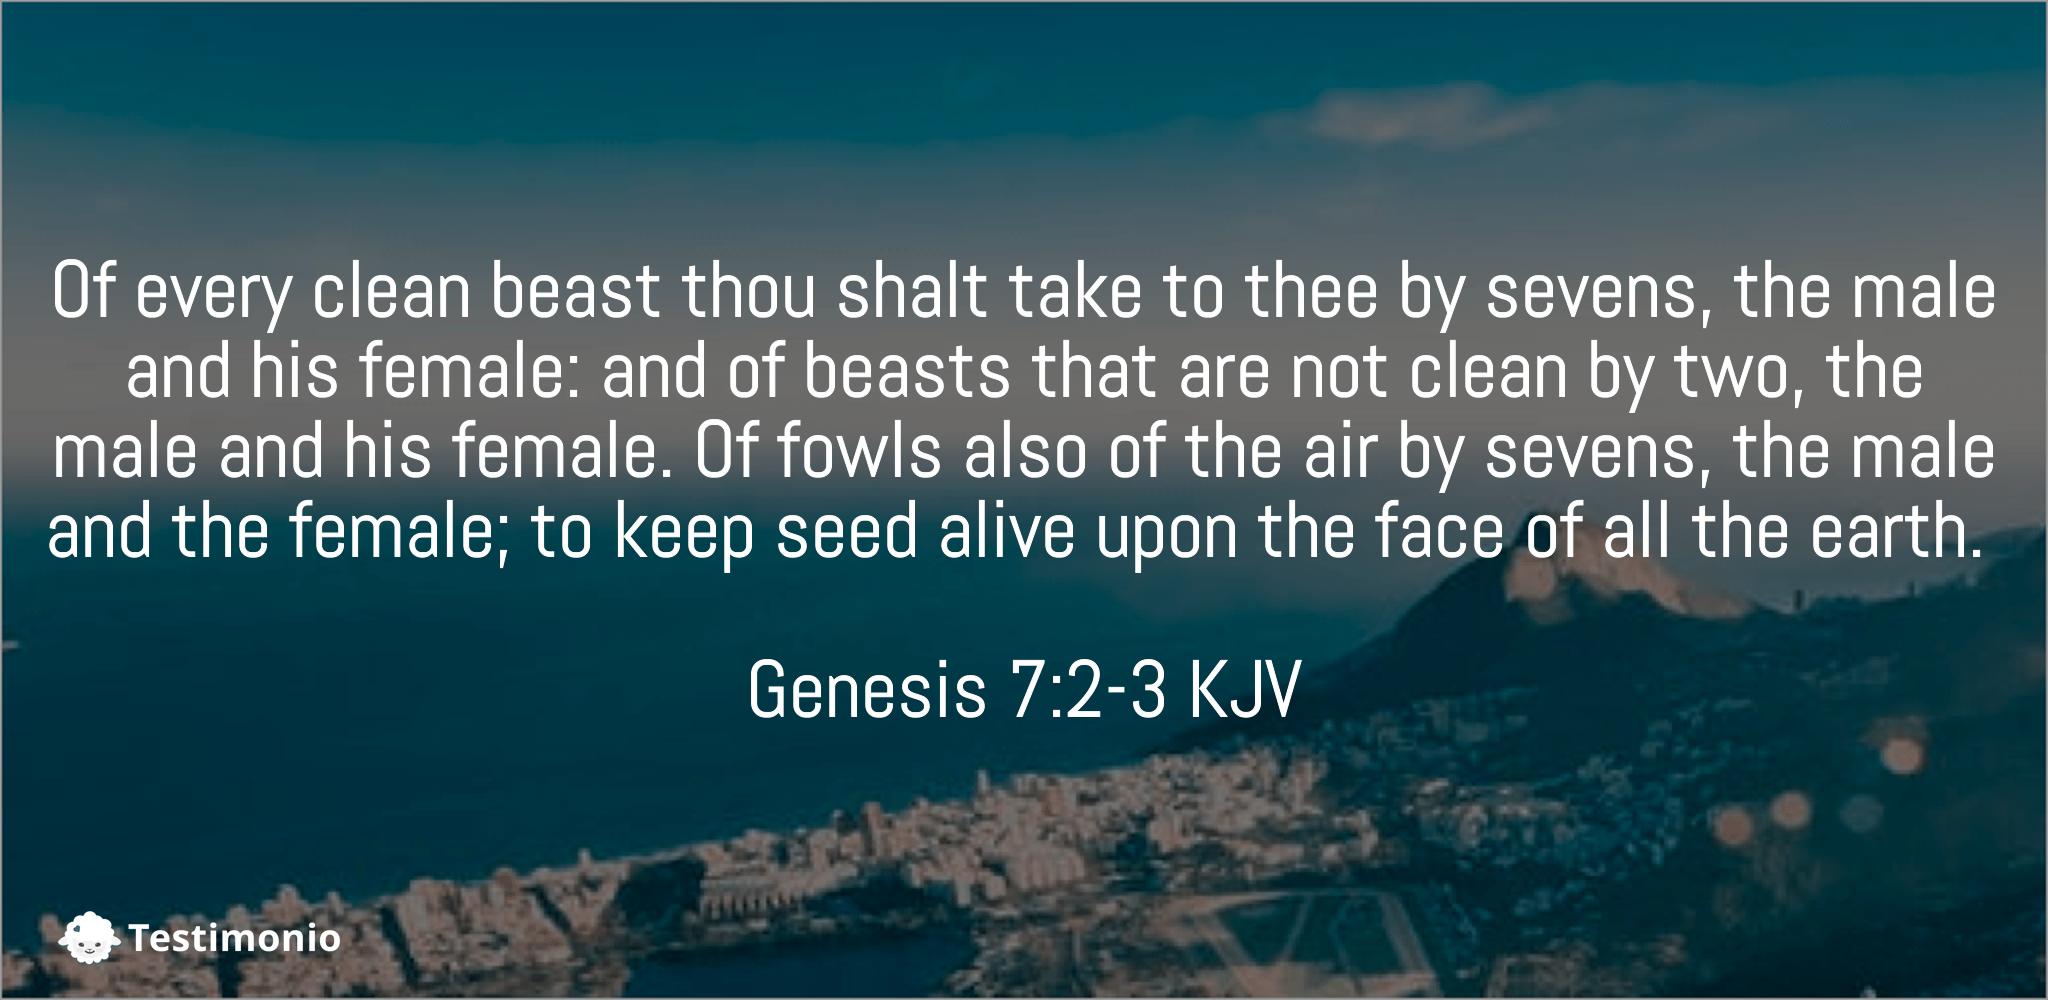 Genesis 7:2-3